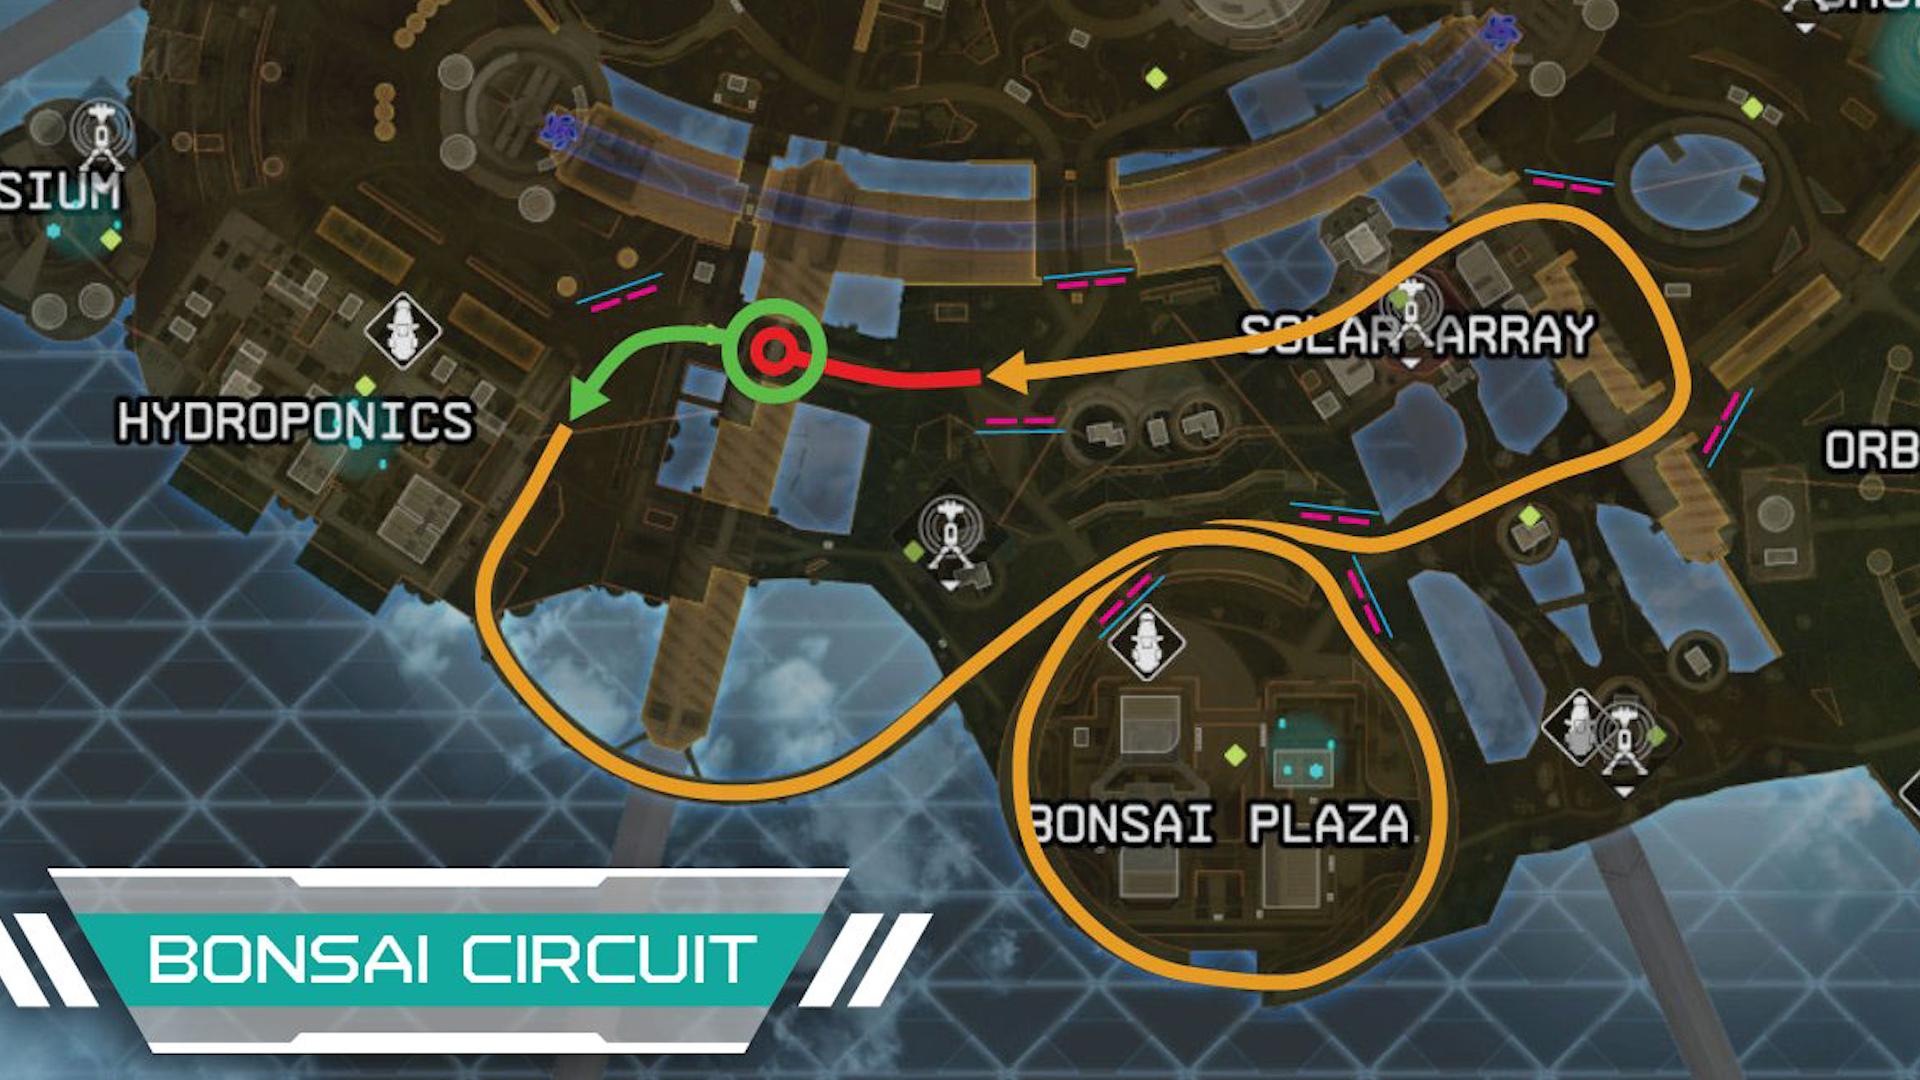 【APEX】新マップで乗り物「トライデント」を使ったレースイベントが主催されるwww